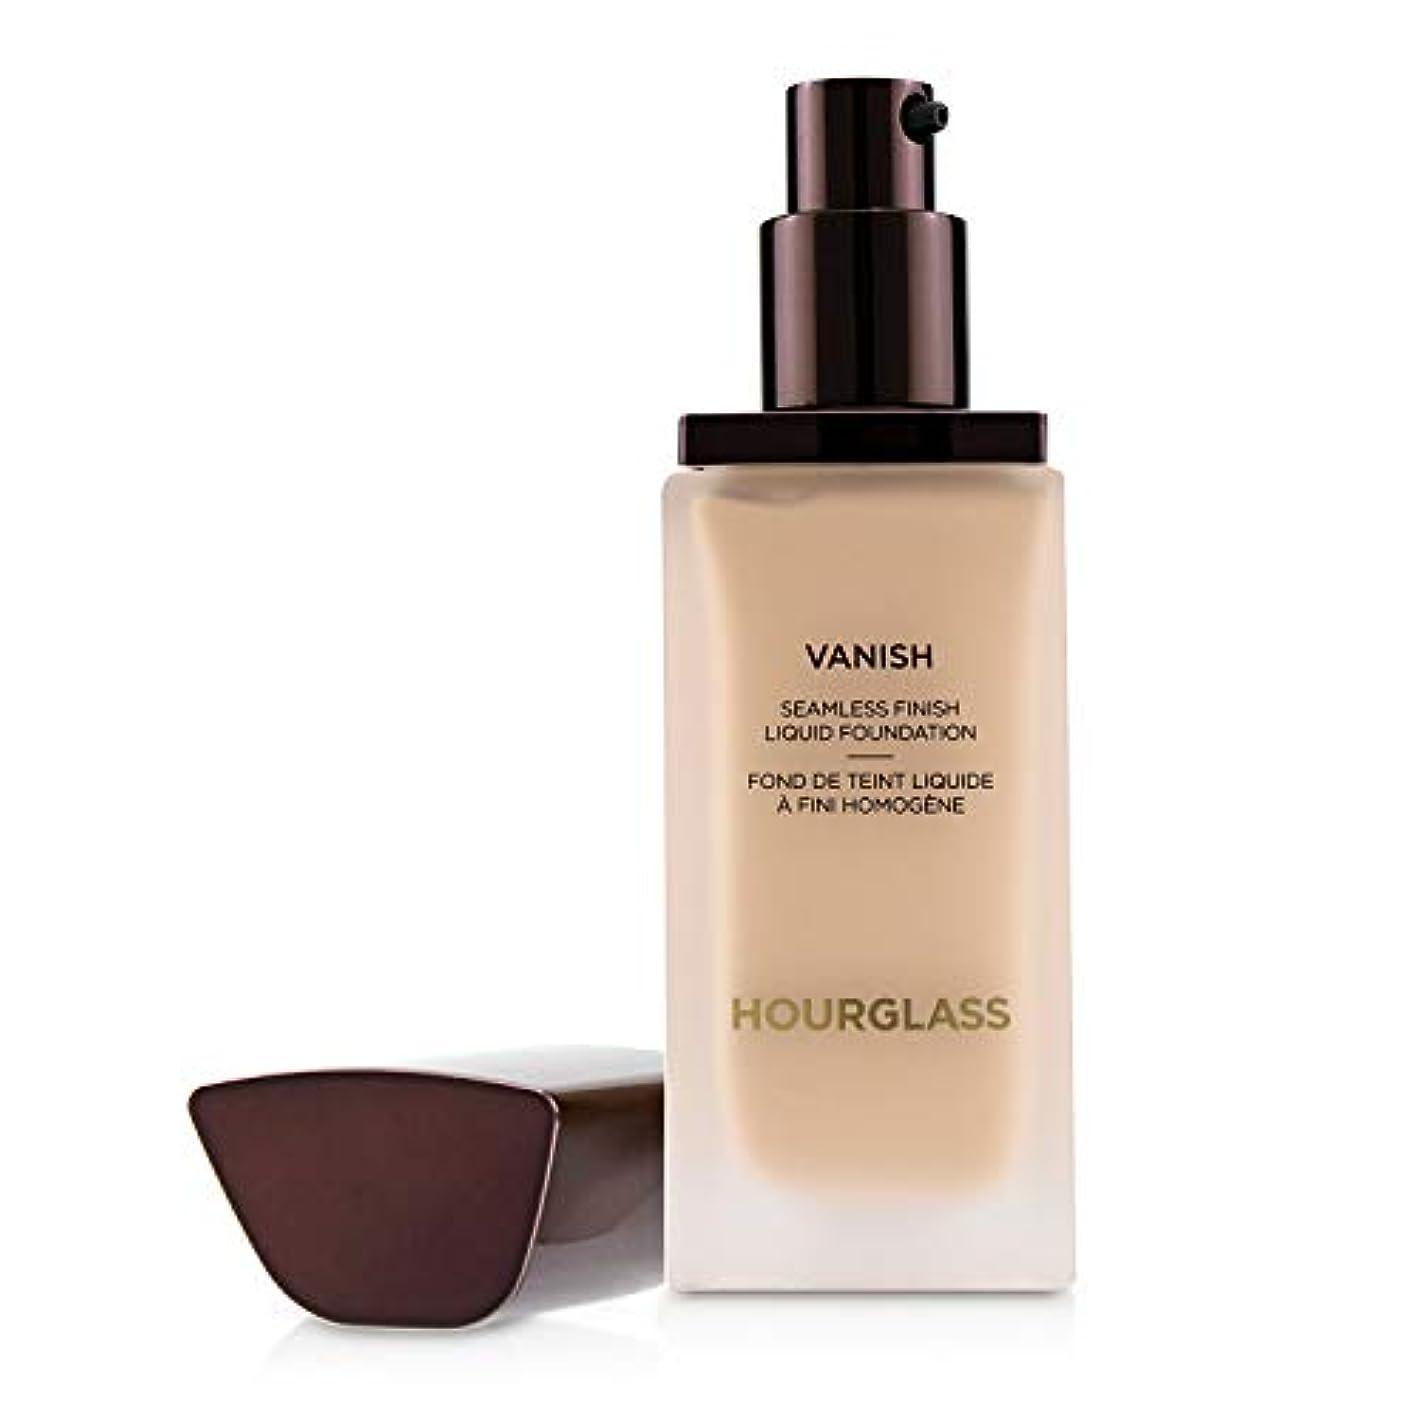 大使館ねじれ太陽アワーグラス Vanish Seamless Finish Liquid Foundation - # Cream 25ml/0.84oz並行輸入品